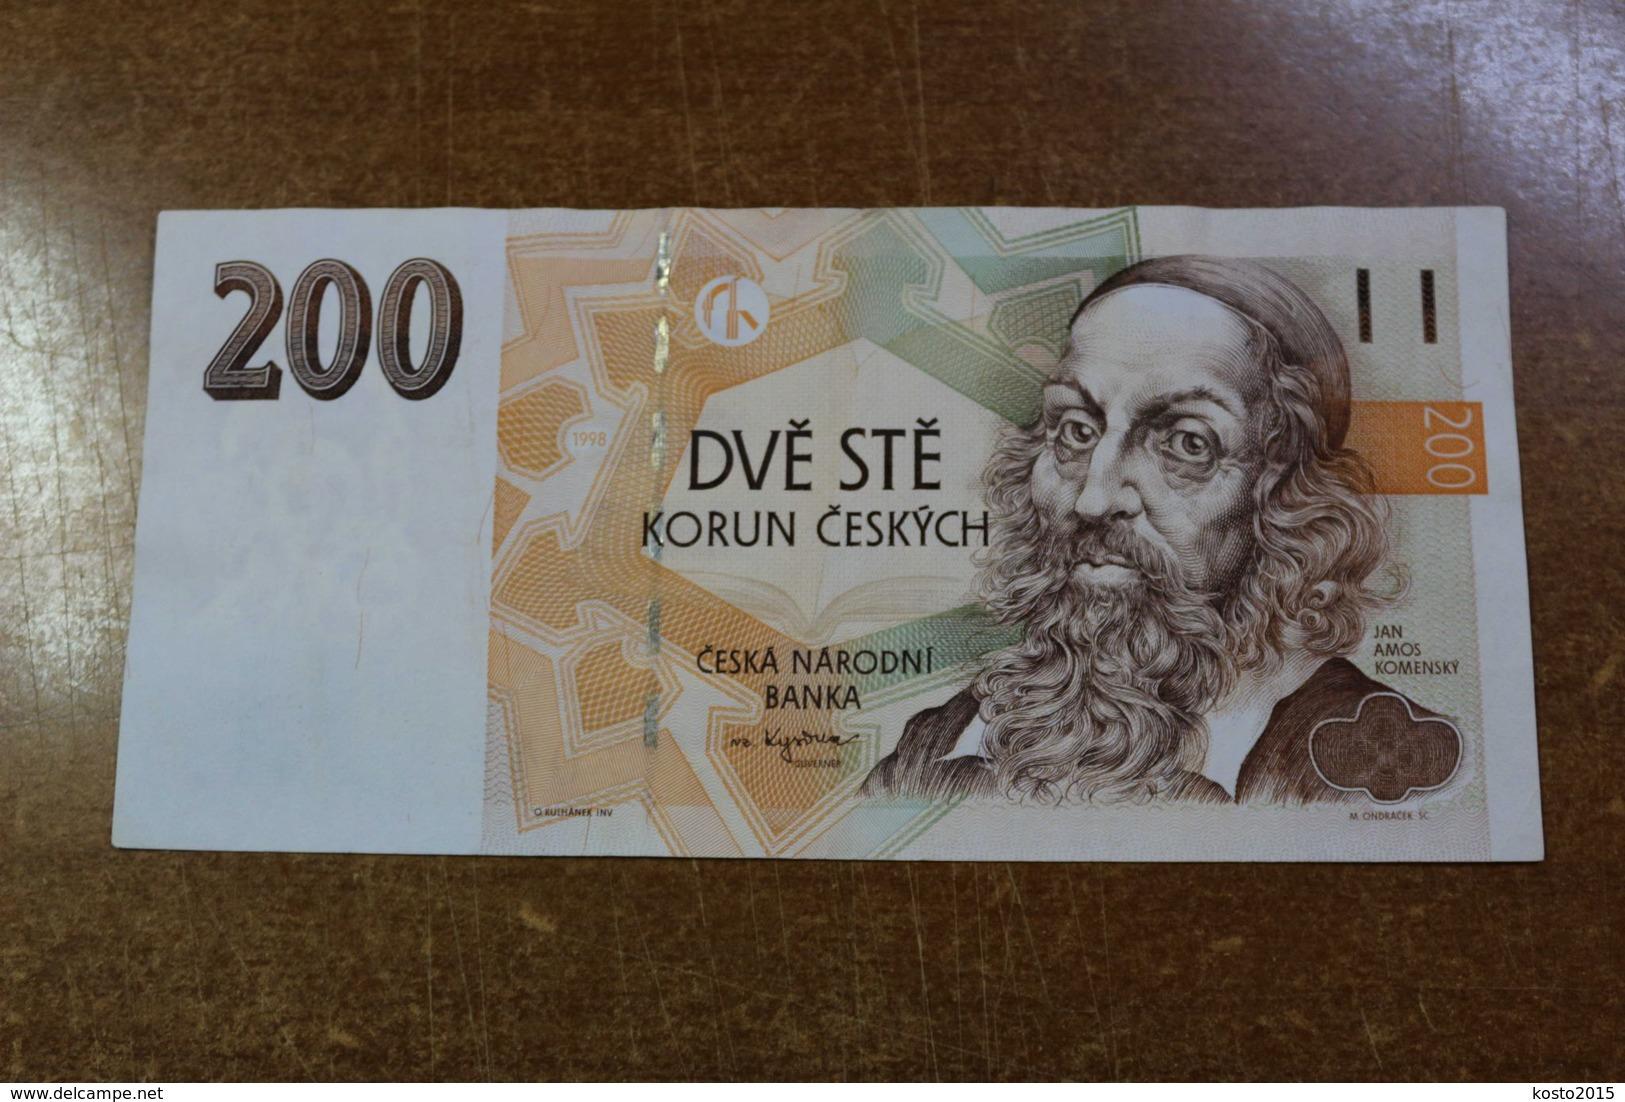 Czech Republic 200 CZK - Tschechien